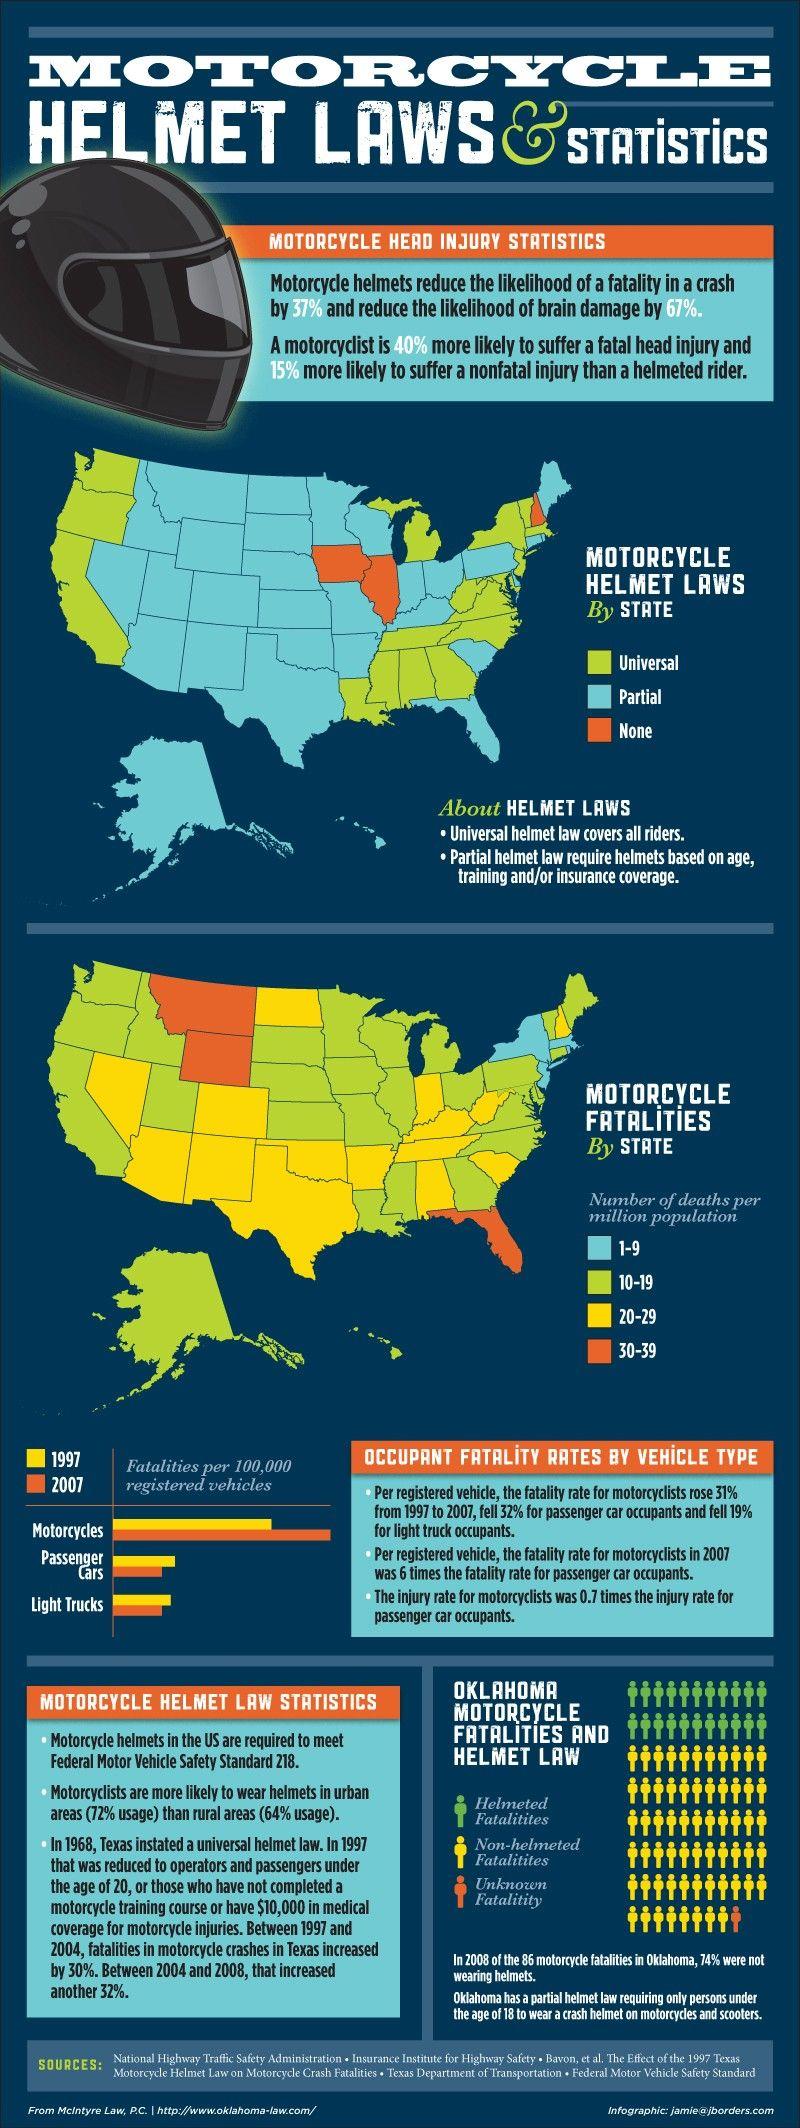 Motorcycle Helmet Laws by State mc motorcycle